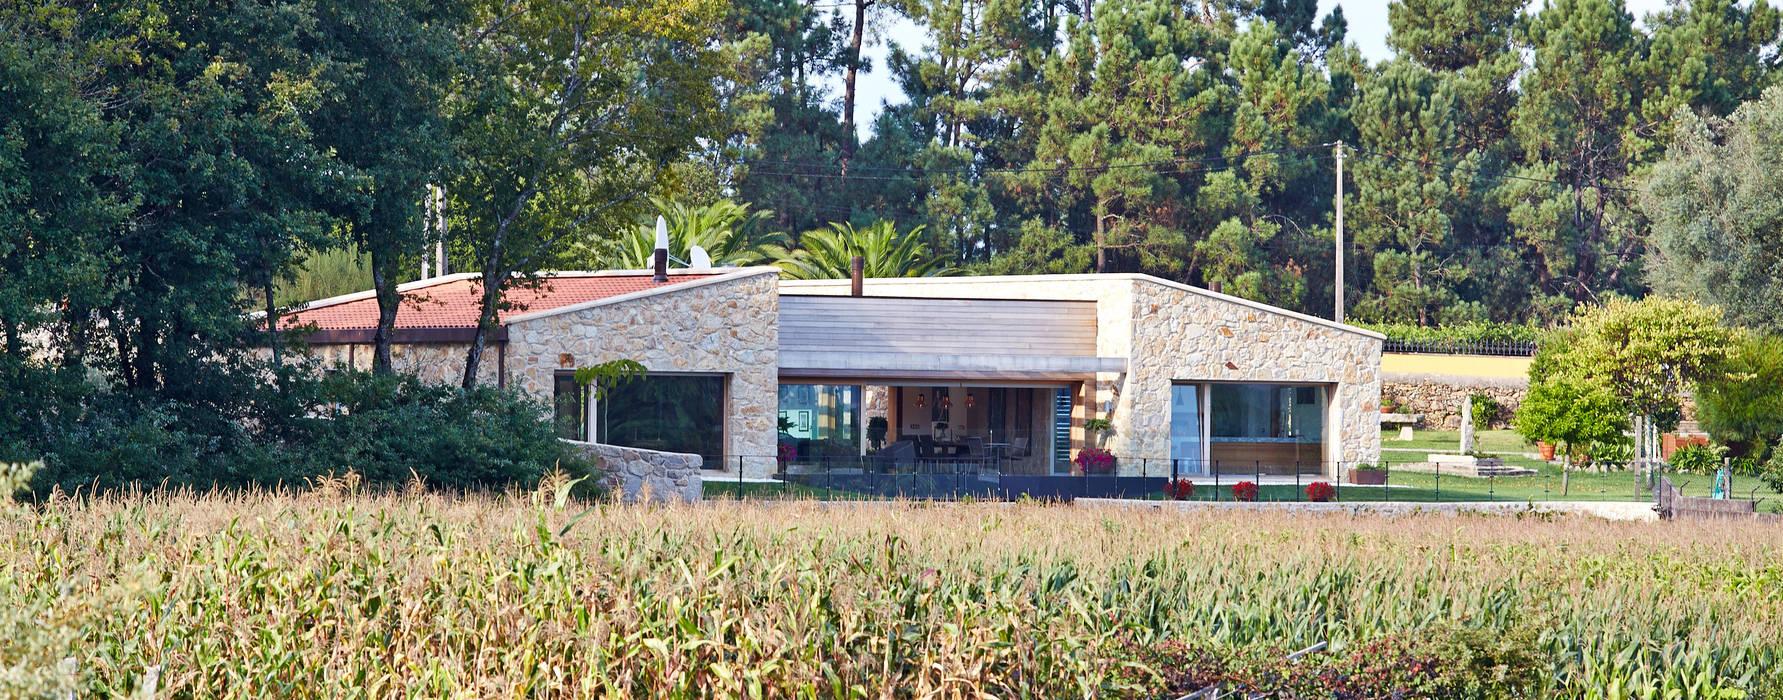 Vivienda Unifamiliar en Tomiño, Pontevedra (Spain) Casas de estilo rústico de HUGA ARQUITECTOS Rústico